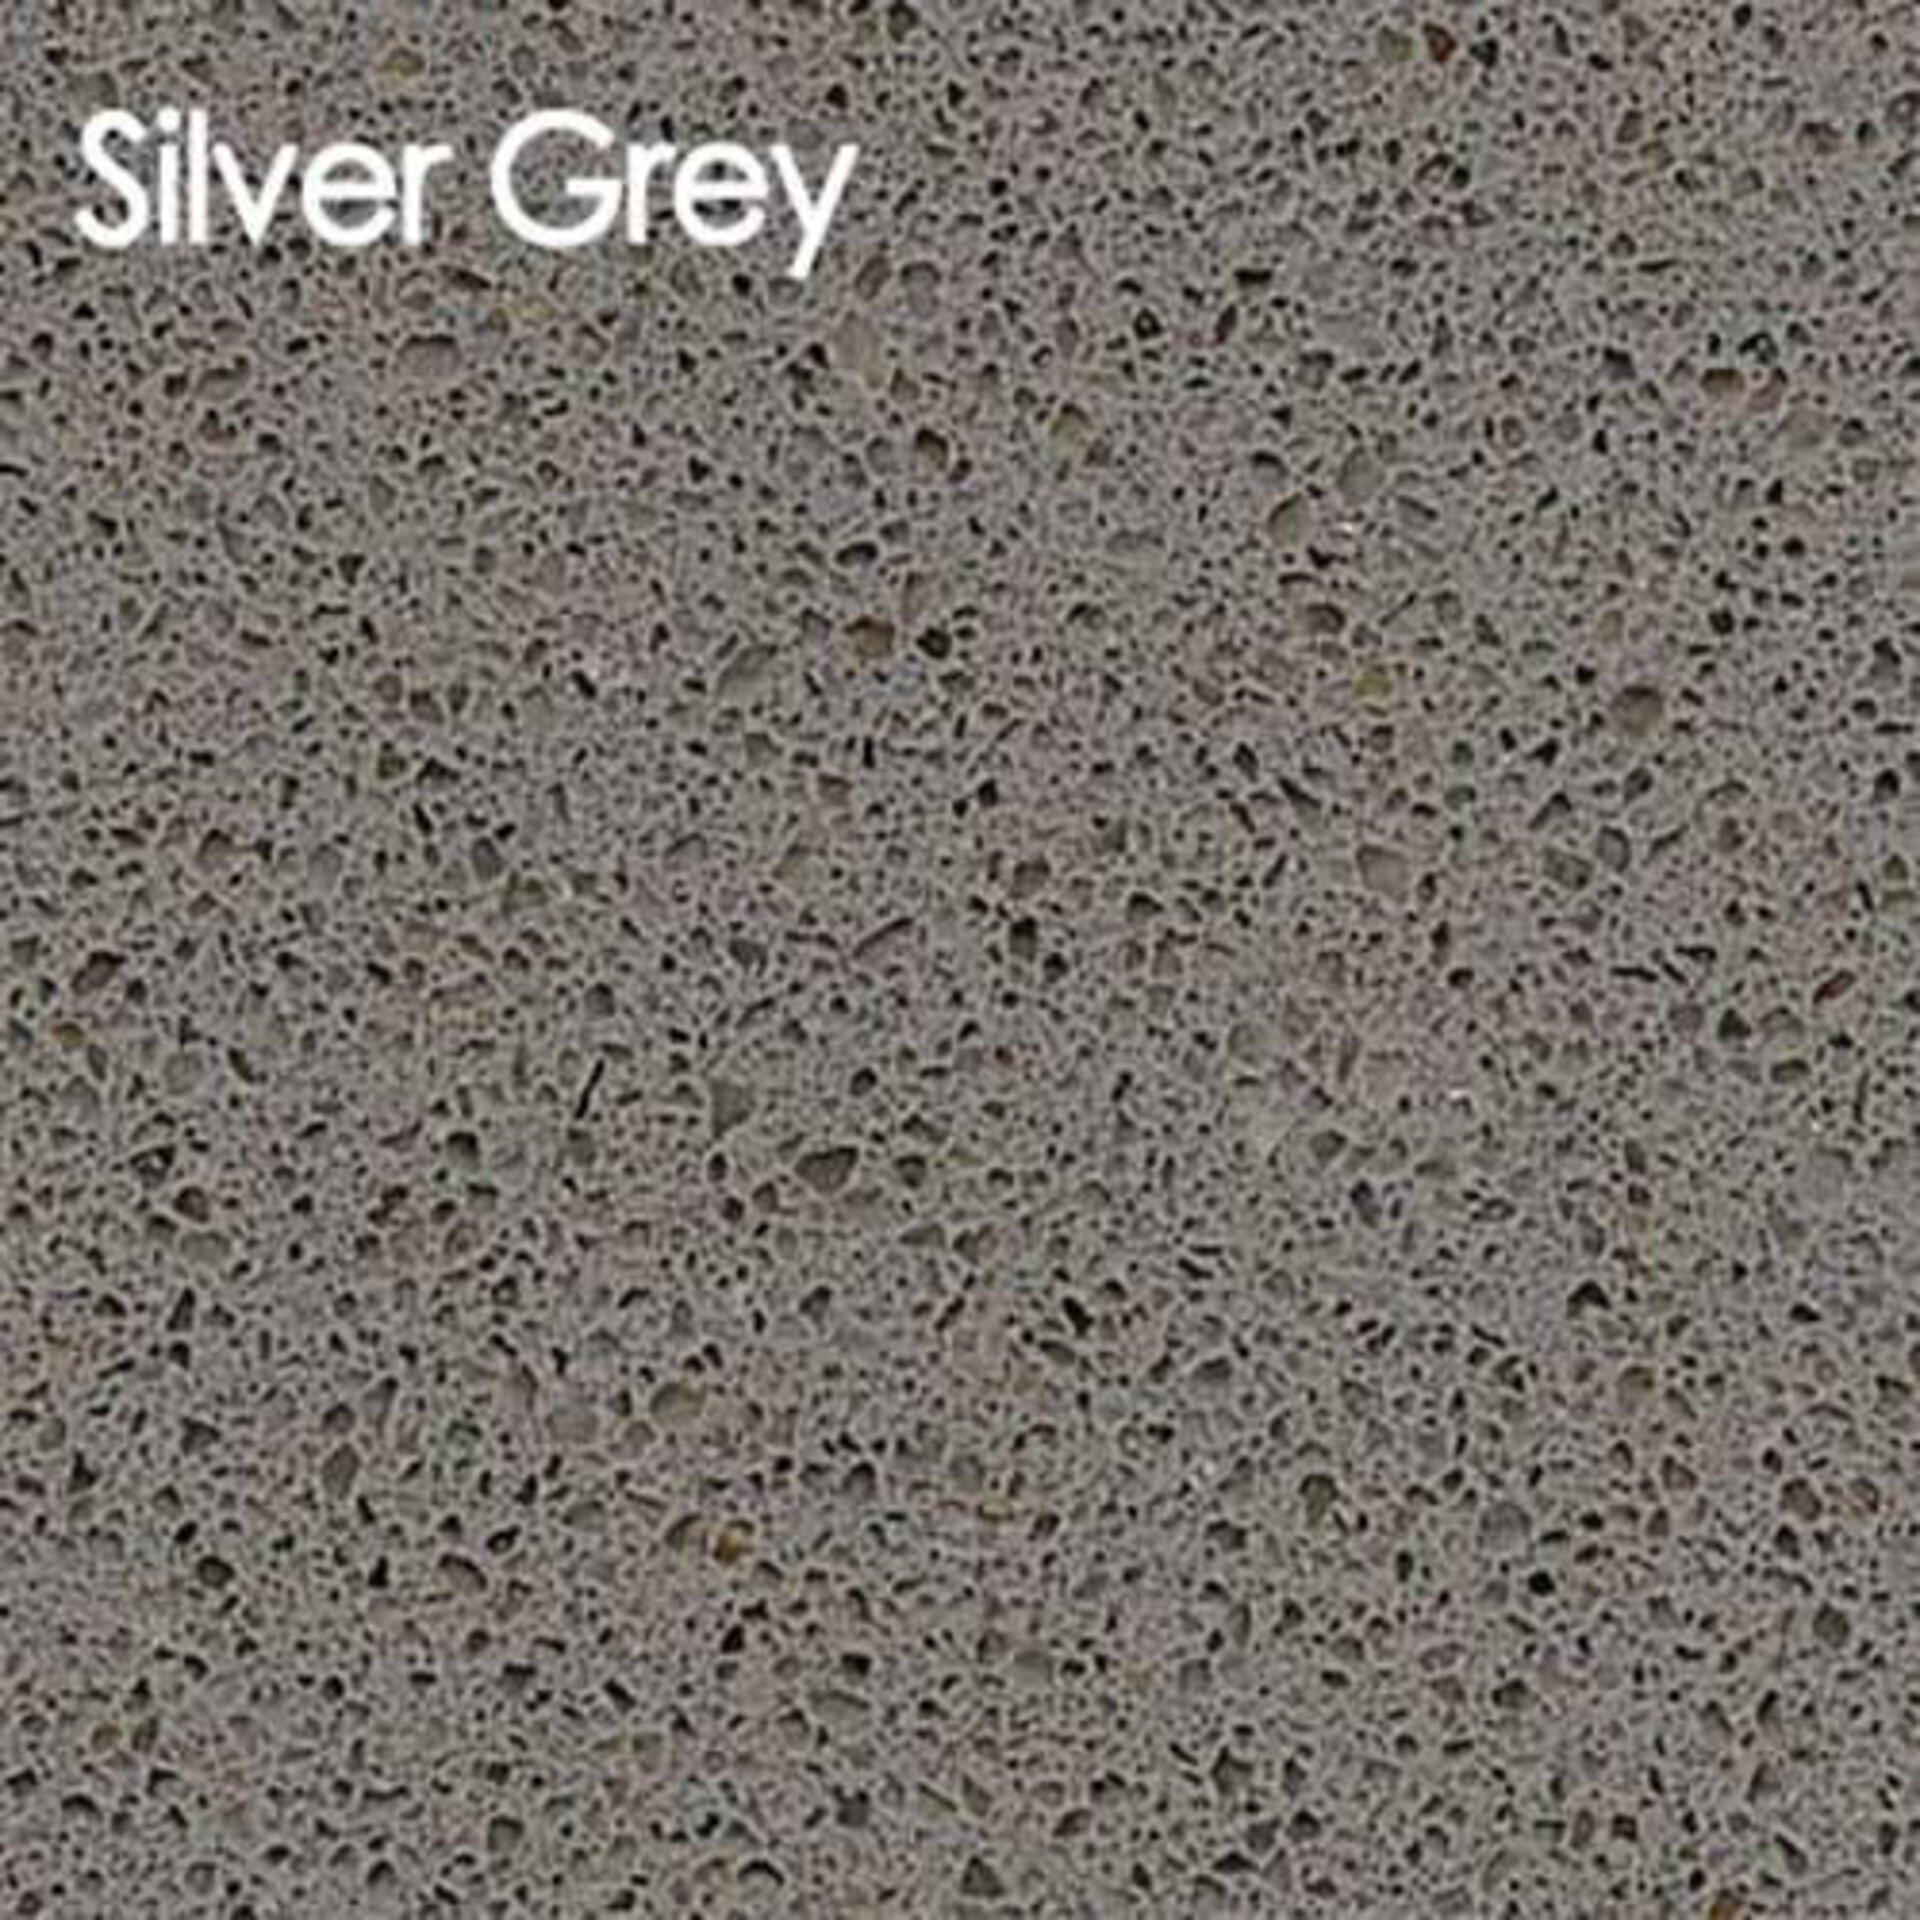 Arbeitsplatte aus Kunststein in der Ausführung Silver Grey.